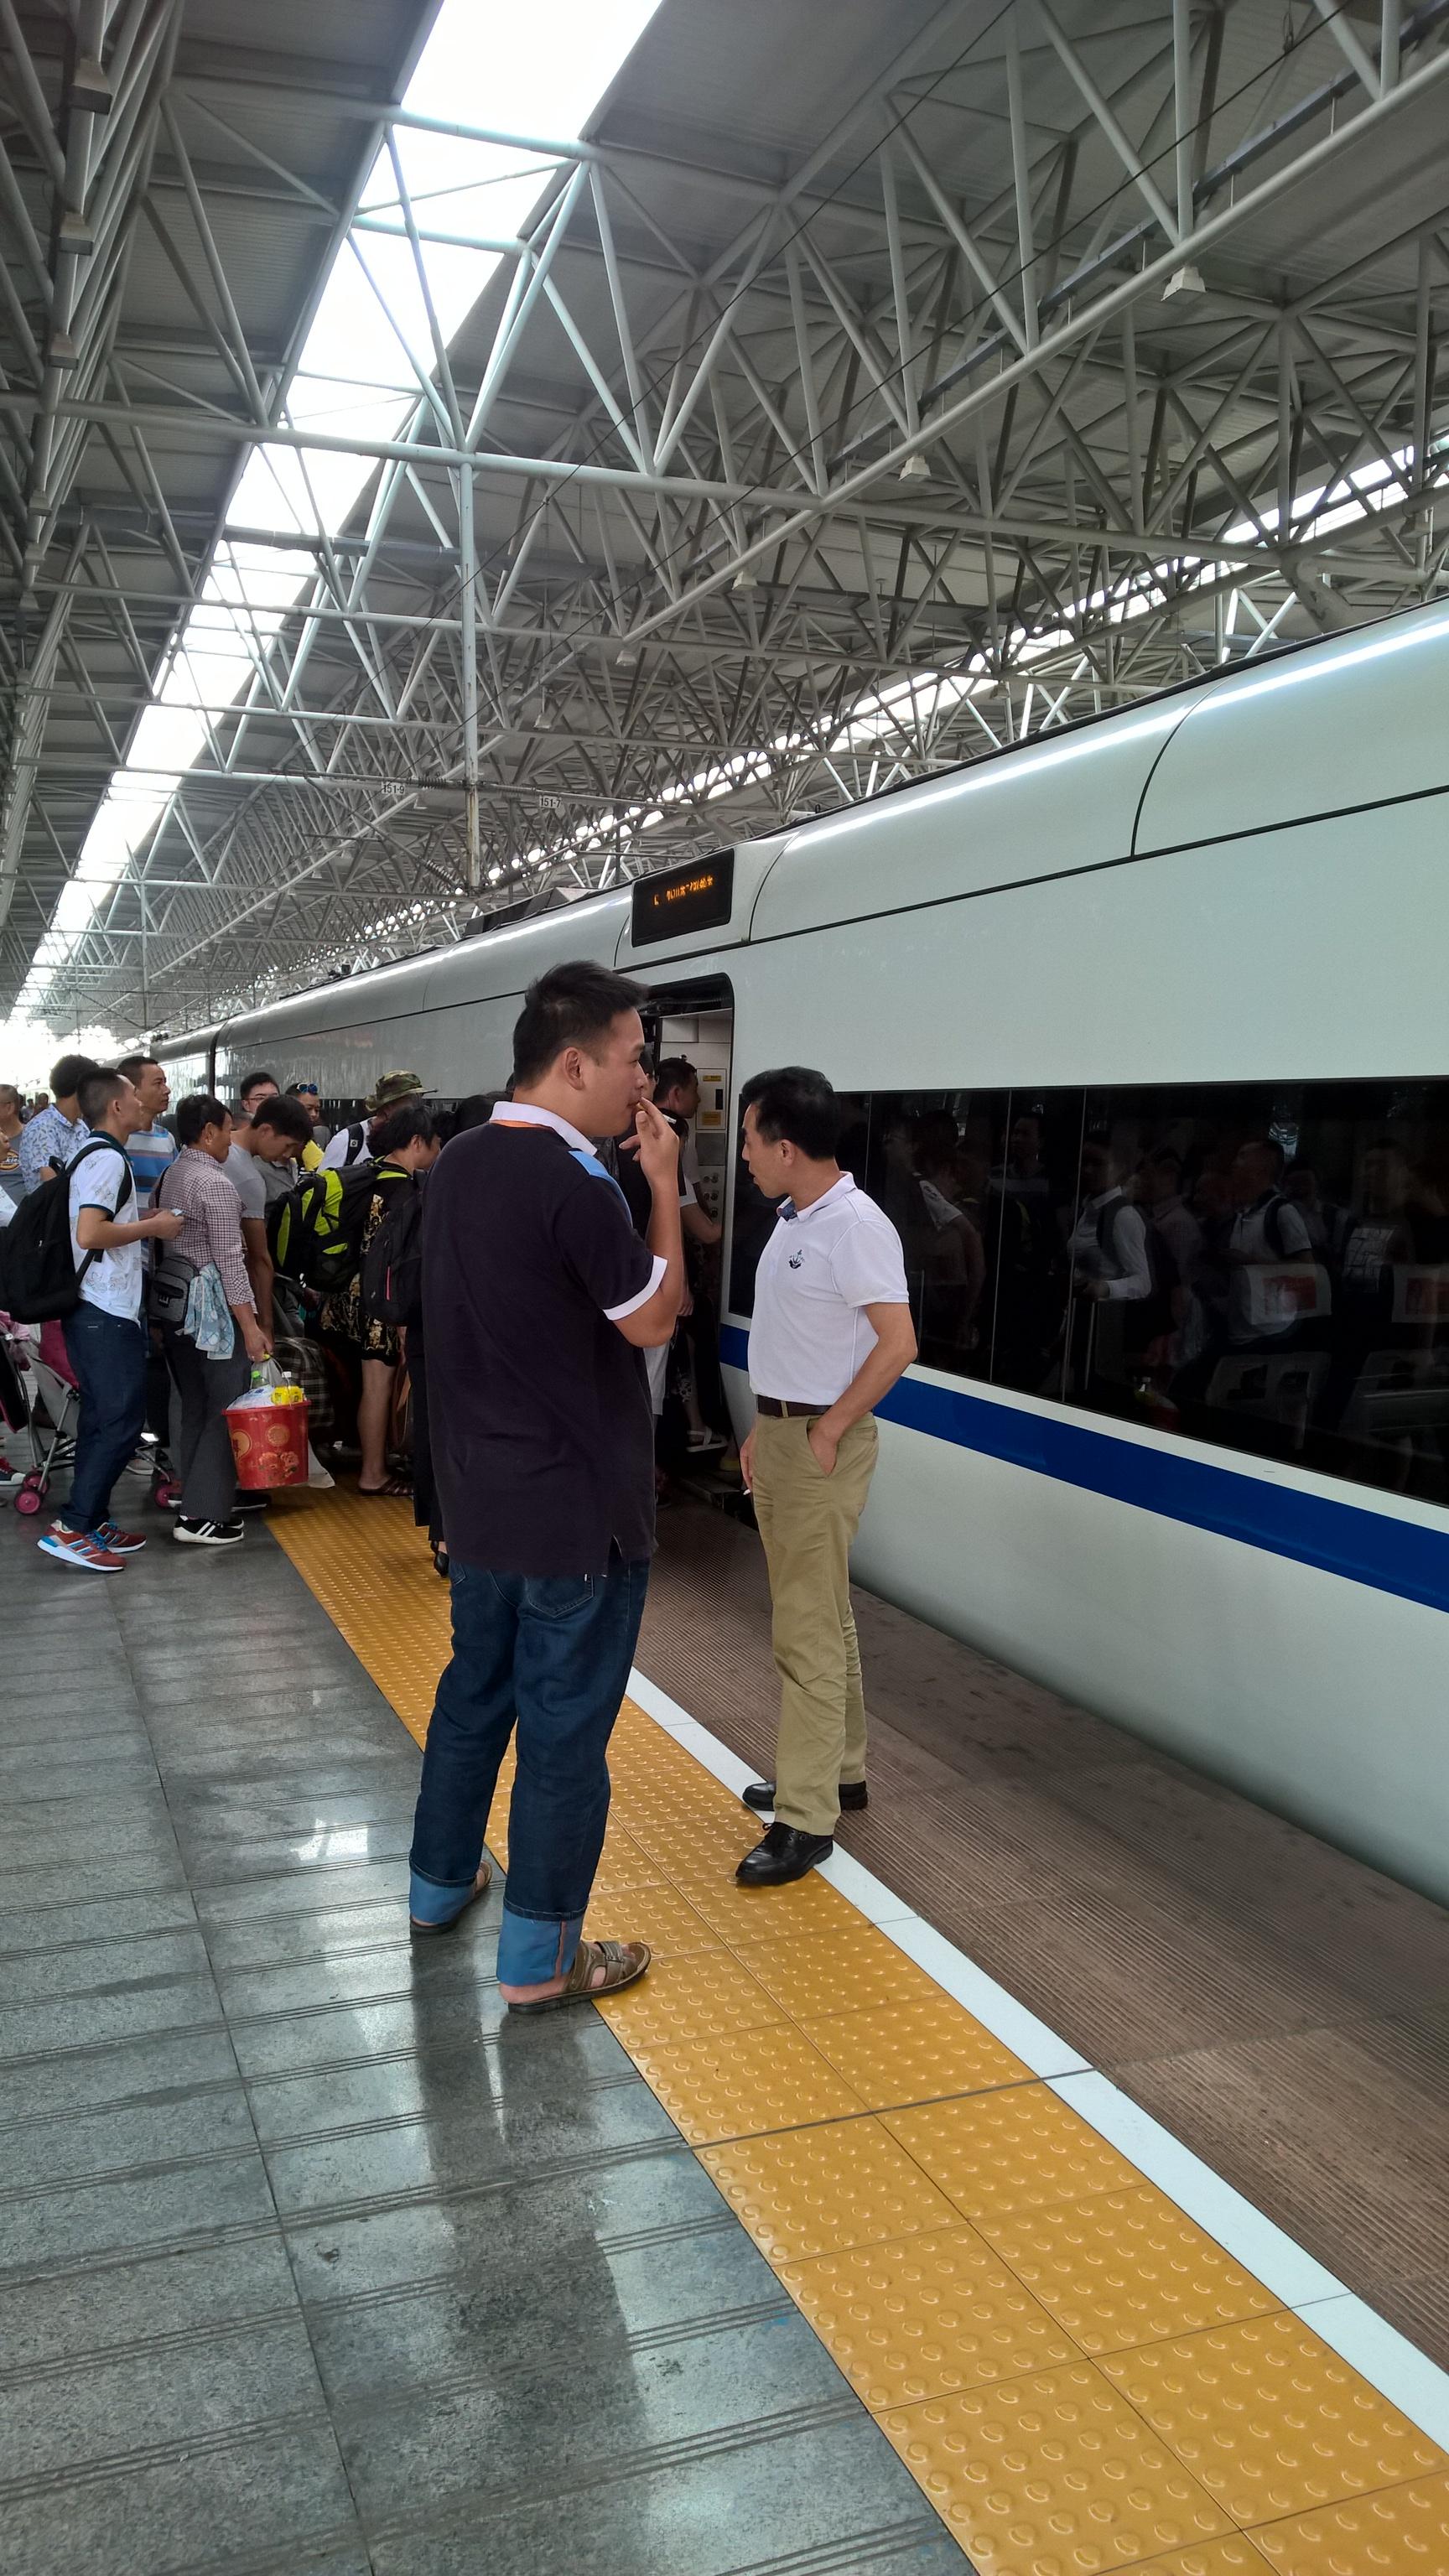 A kocsikon tilos a dohányzás (a sima gyorsvonatokon vannak kijelölt helyek, ezeken a nagyobb sebességűeken nincsenek), így aztán a népek az állomásokon szállnak ki 1-2 percre a peronra, amíg az új utasok fel nem szállnak. Ez sem legális, de tolerálják.